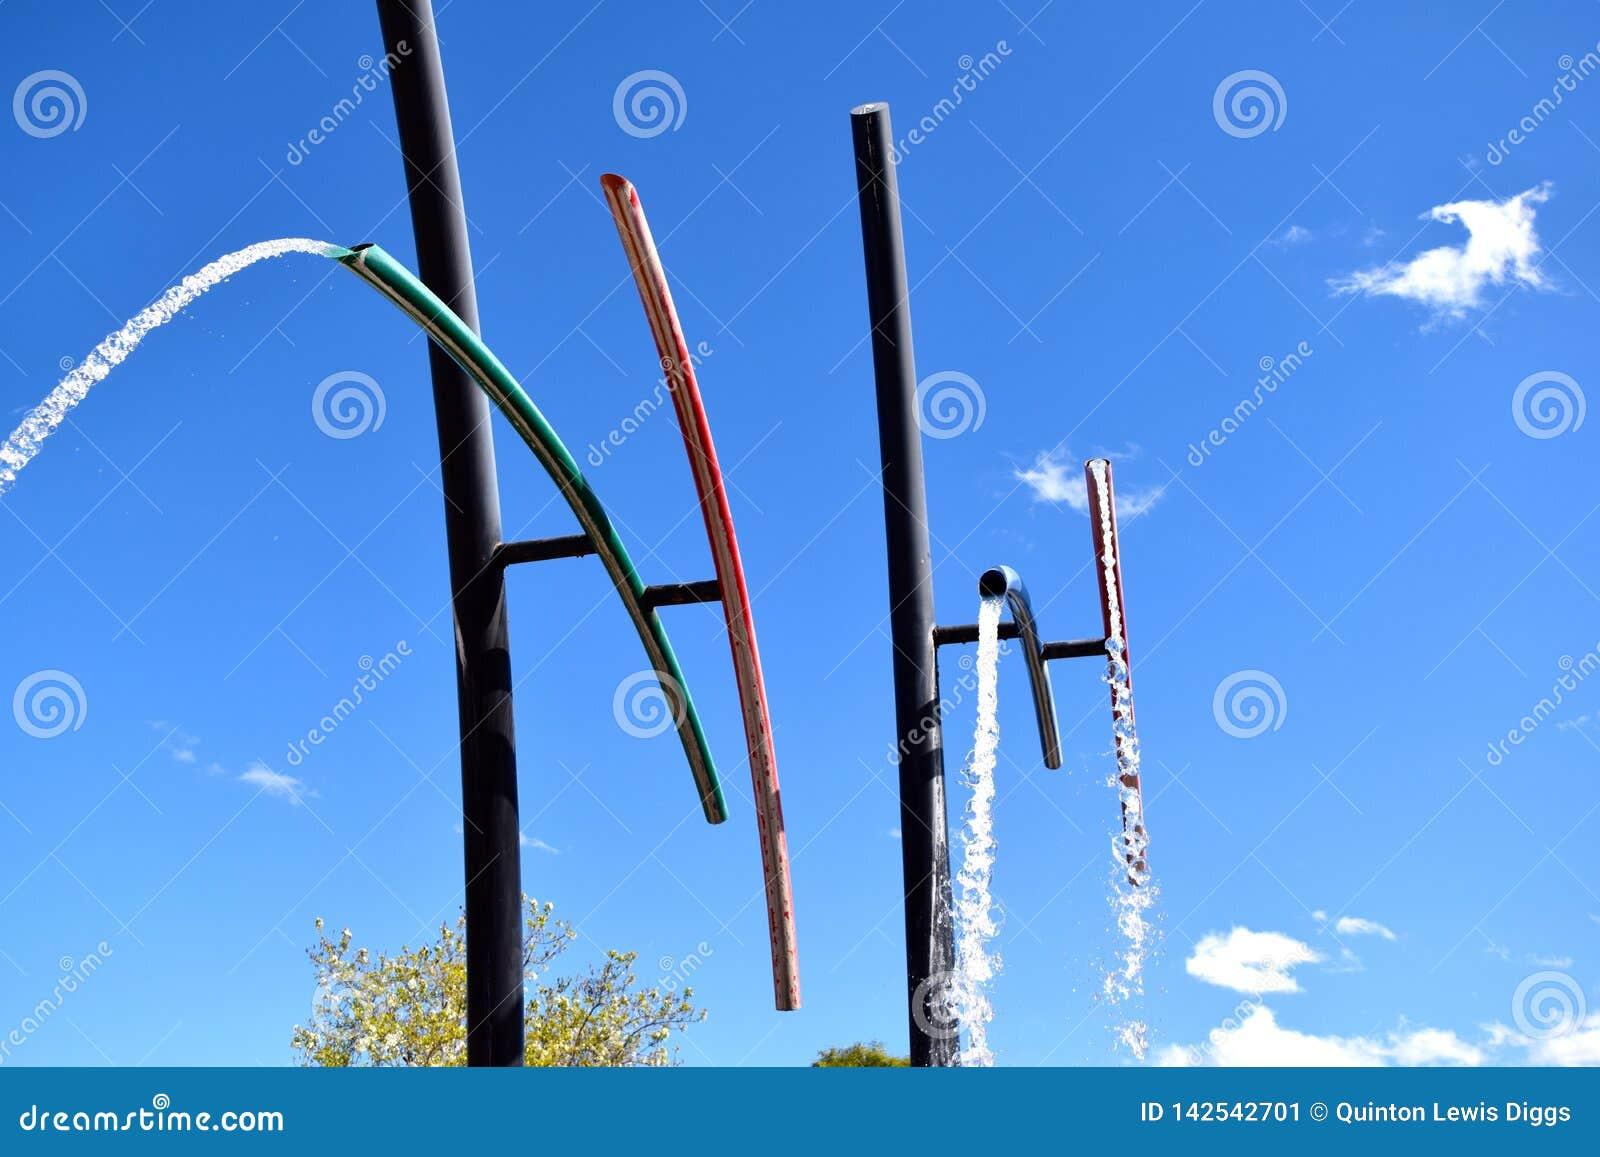 Fuente de agua giratoria del tubo